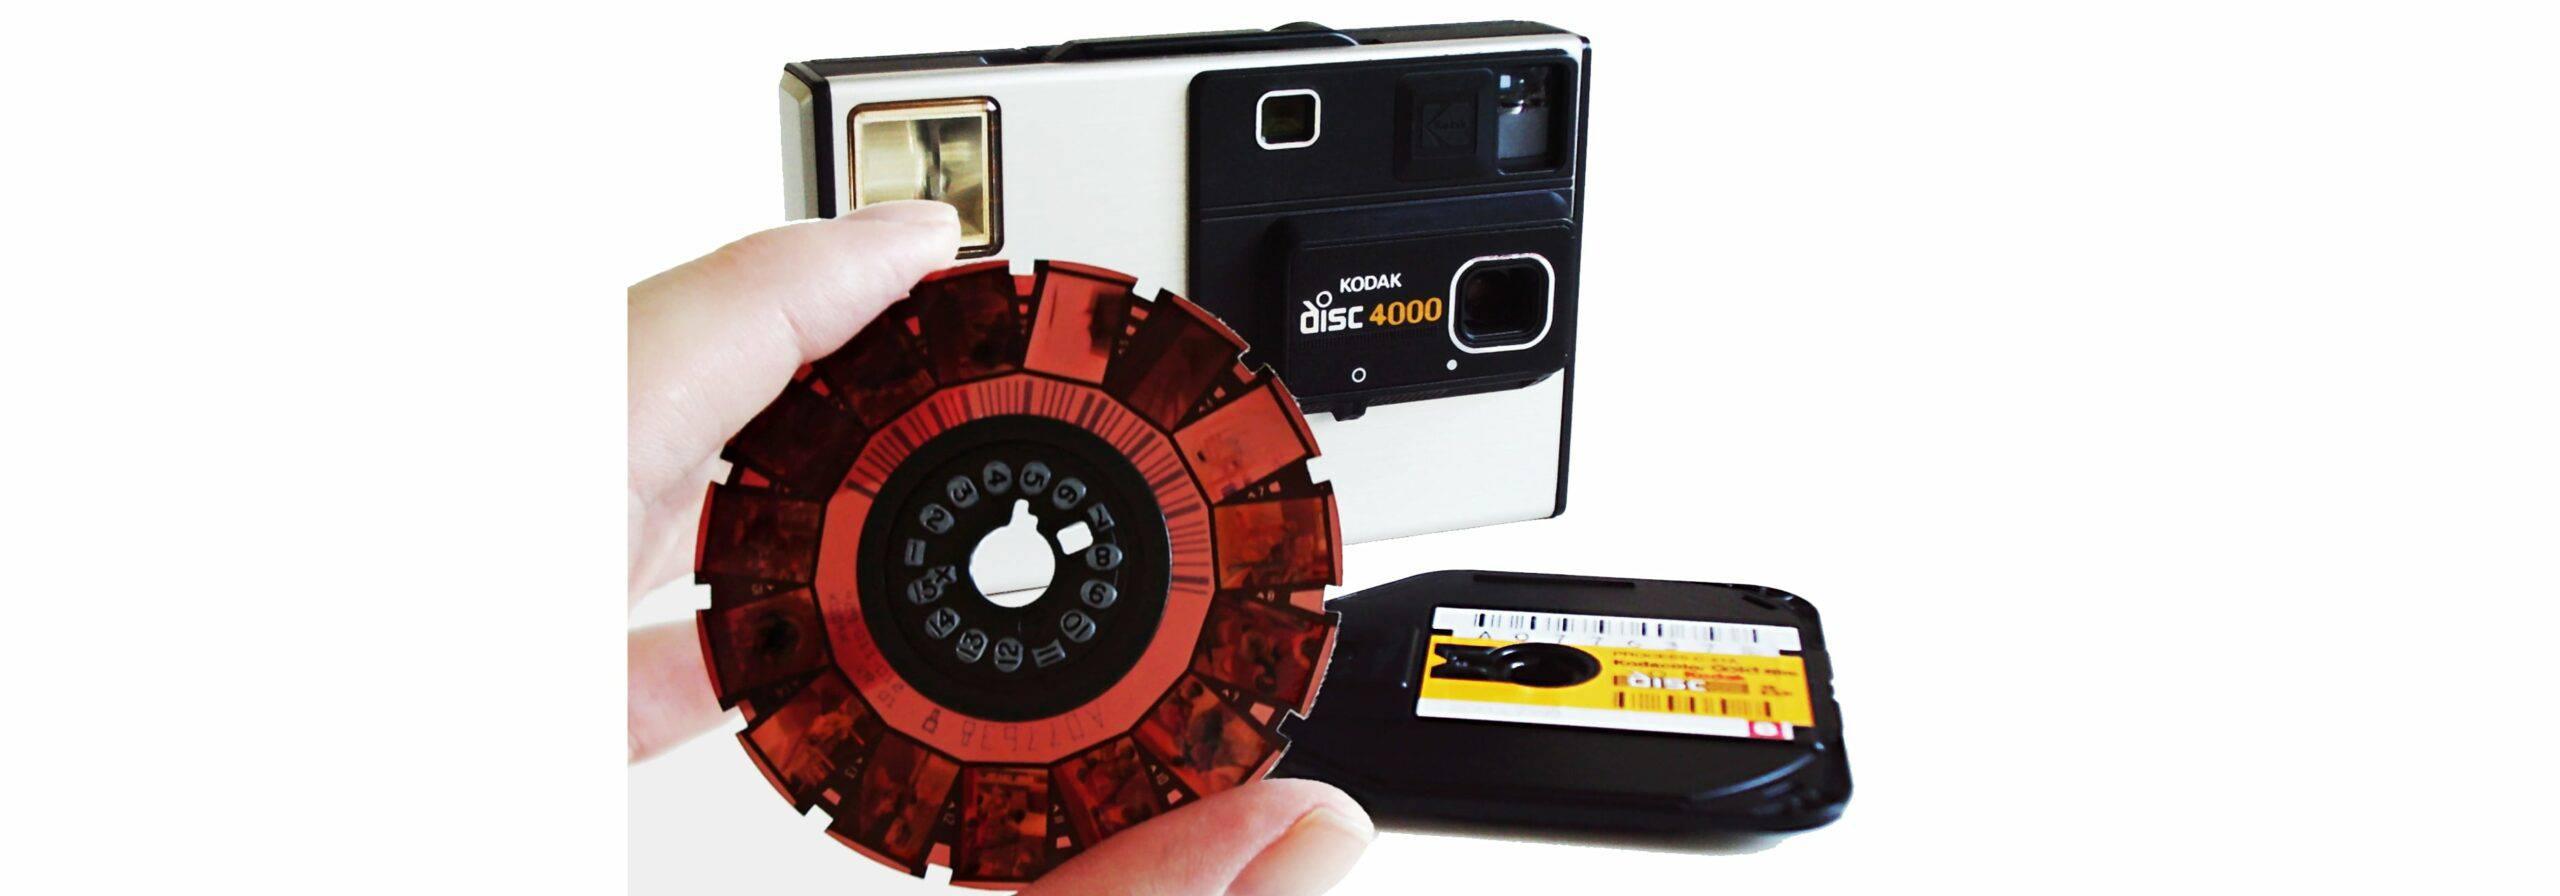 Kodak's Disc 4000 for cameras